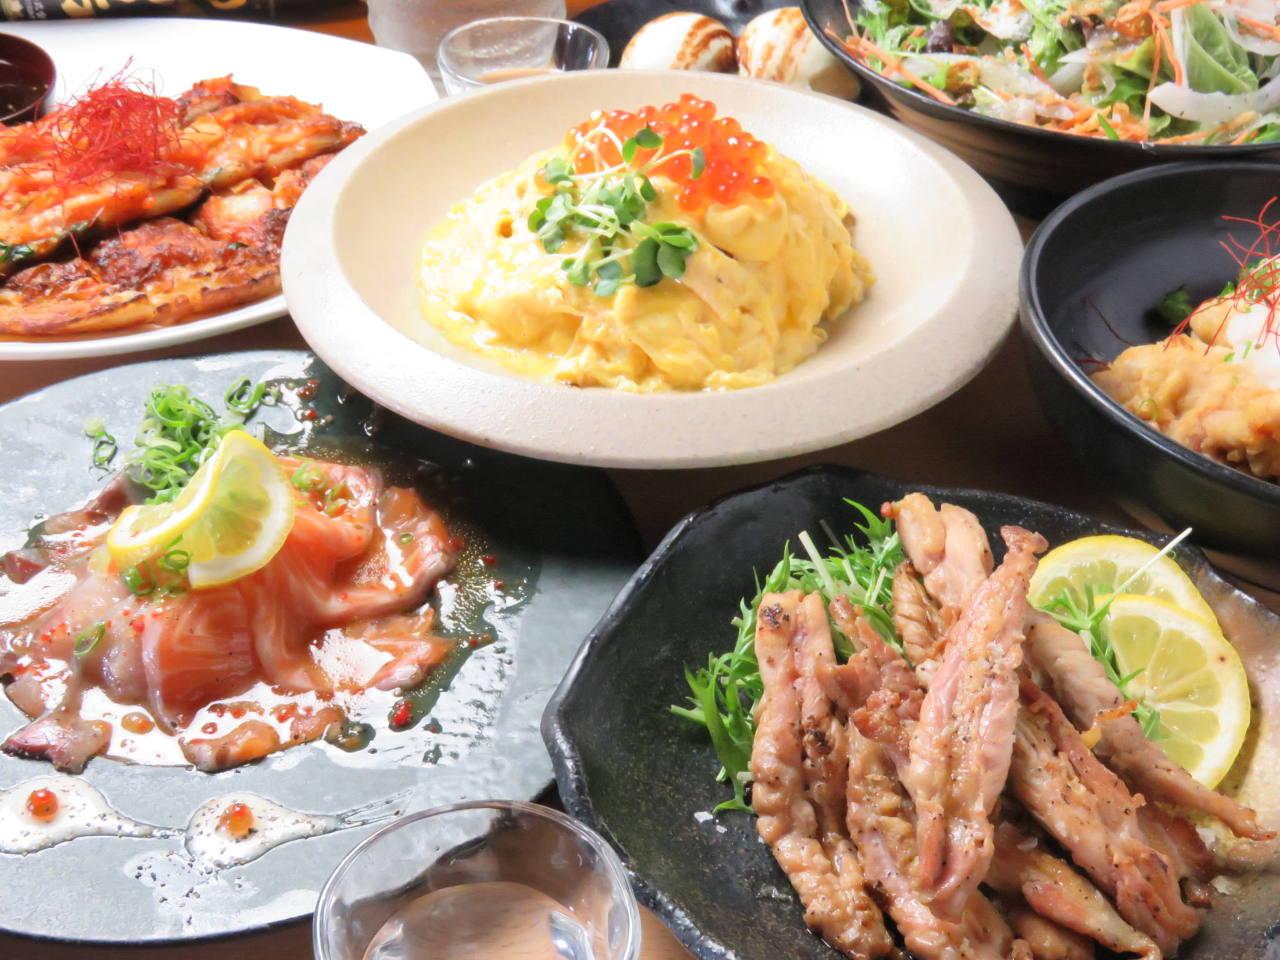 【定番人気】人気沸騰中の牛ハラミステーキをメインにesの人気料理を集めた飲み放題付き3500円コース